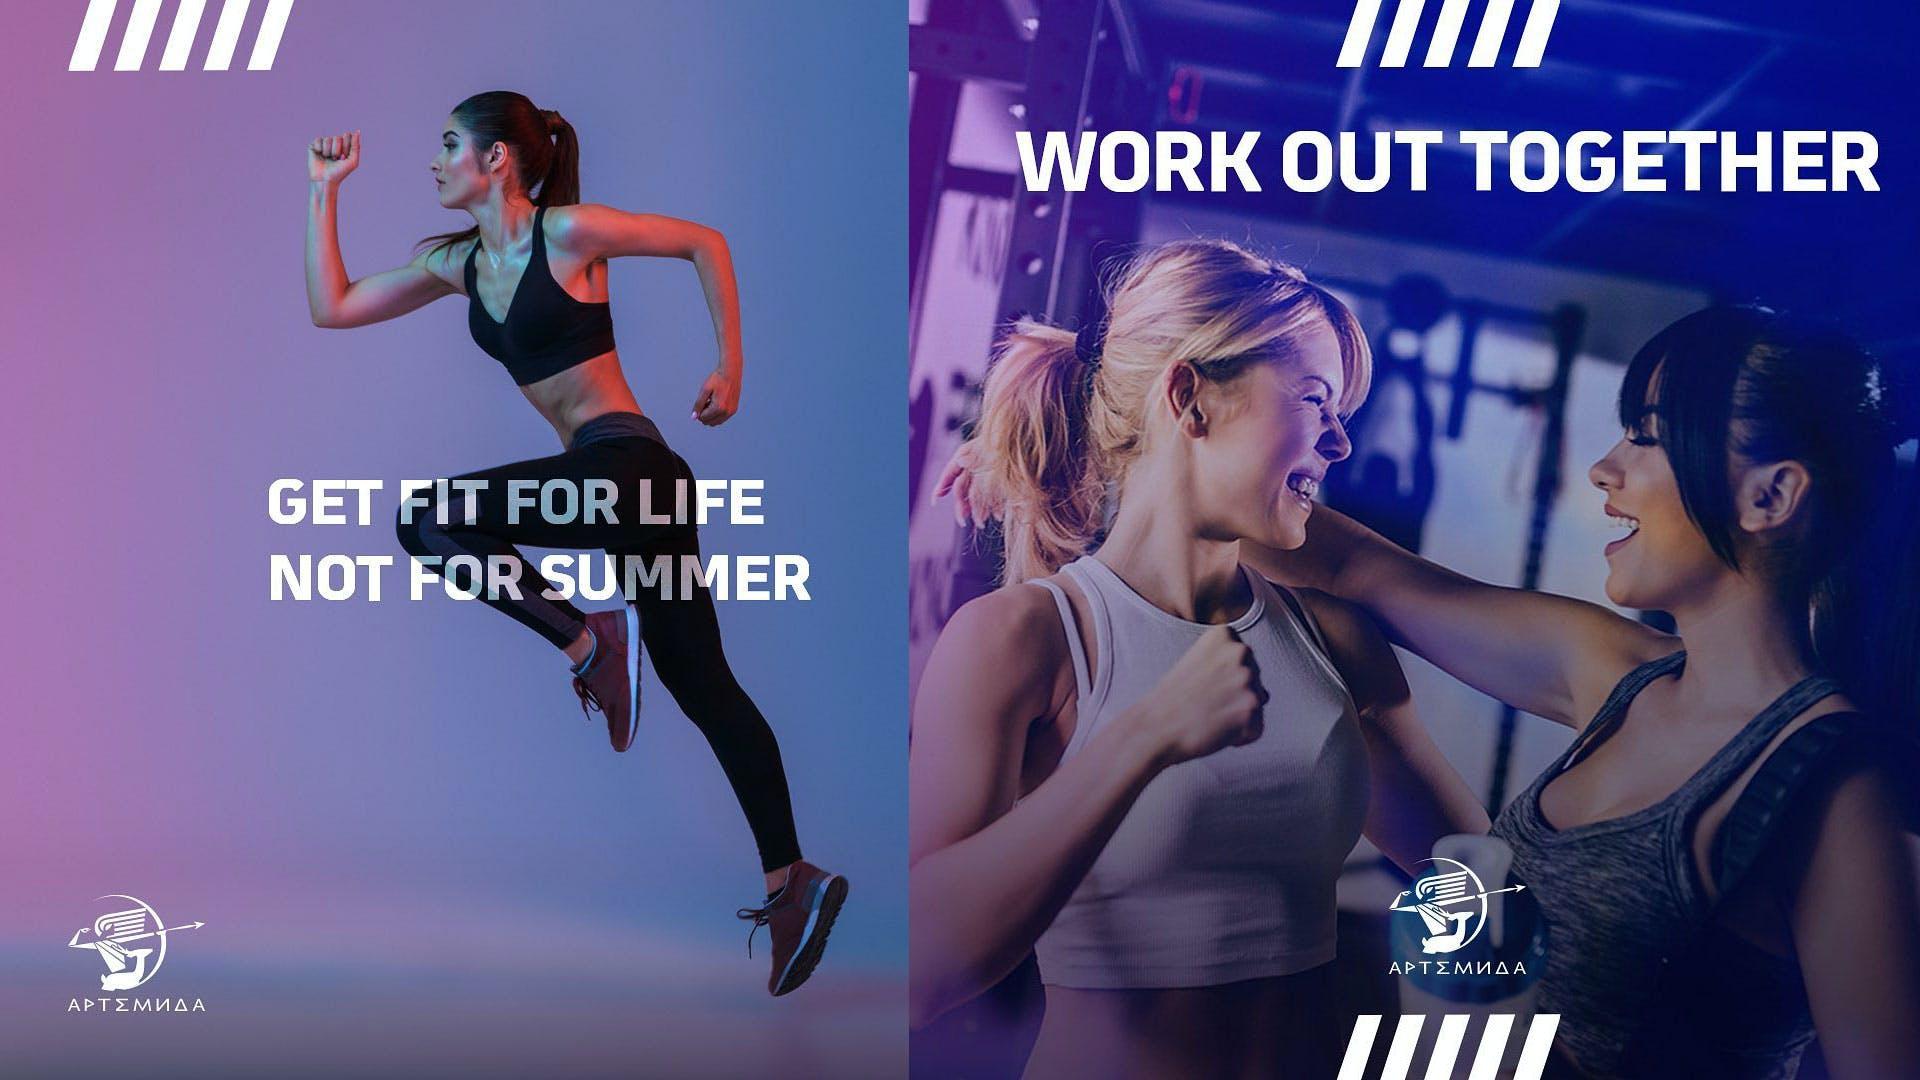 Artemida Fitness - Work out Together